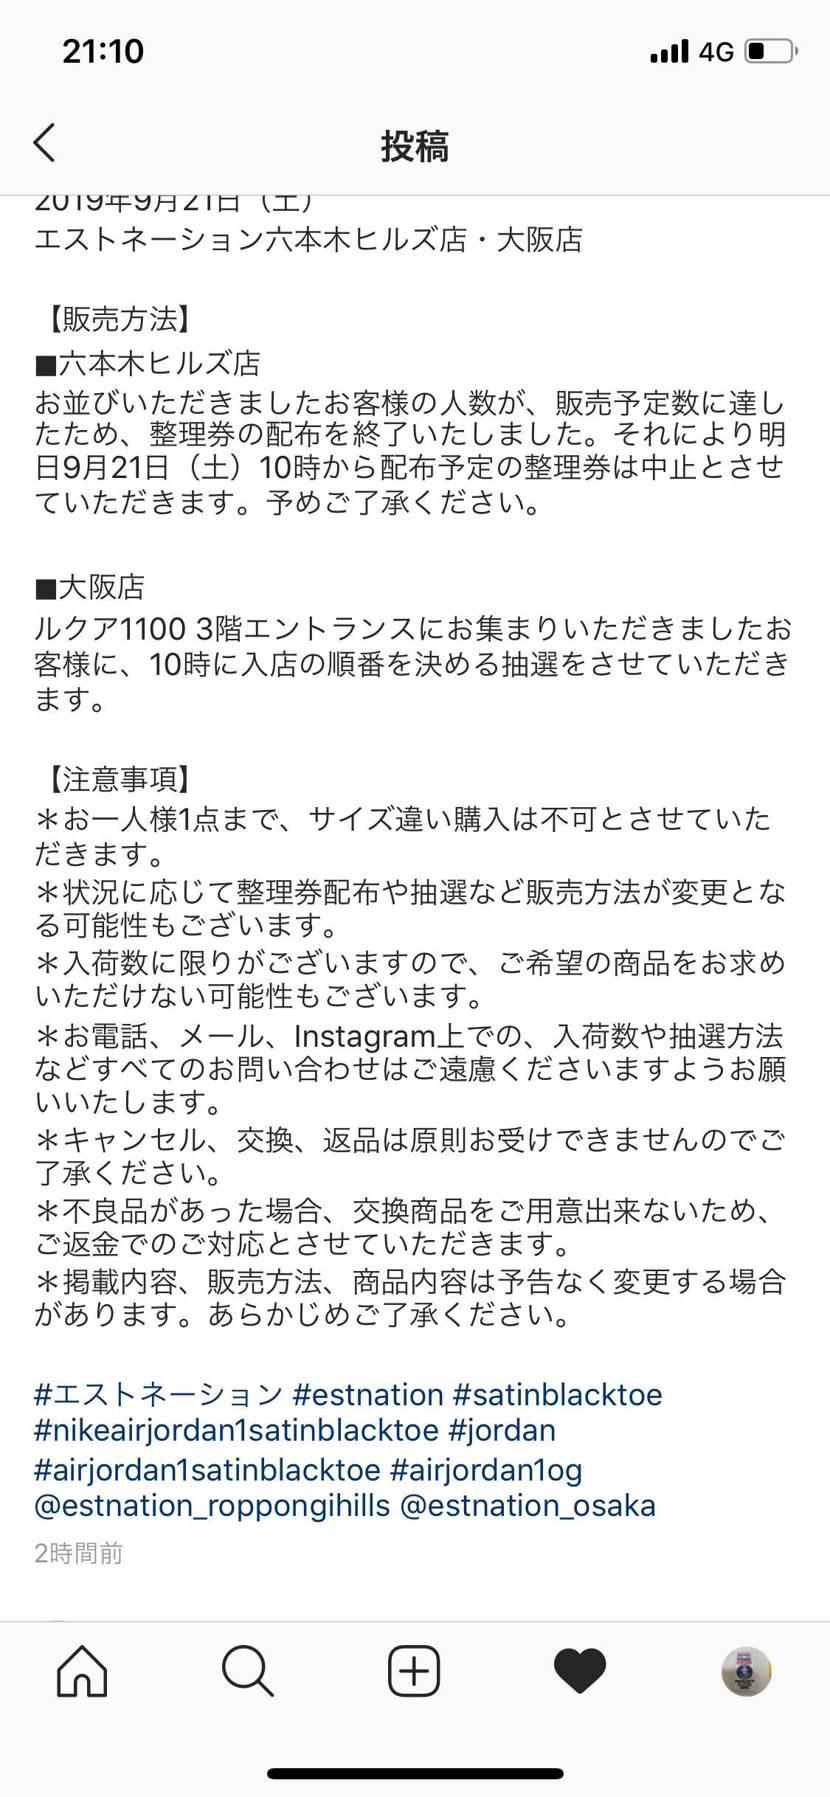 大阪のエストネーションはドレコあるのでしょうか?書いてないからないという認識でい